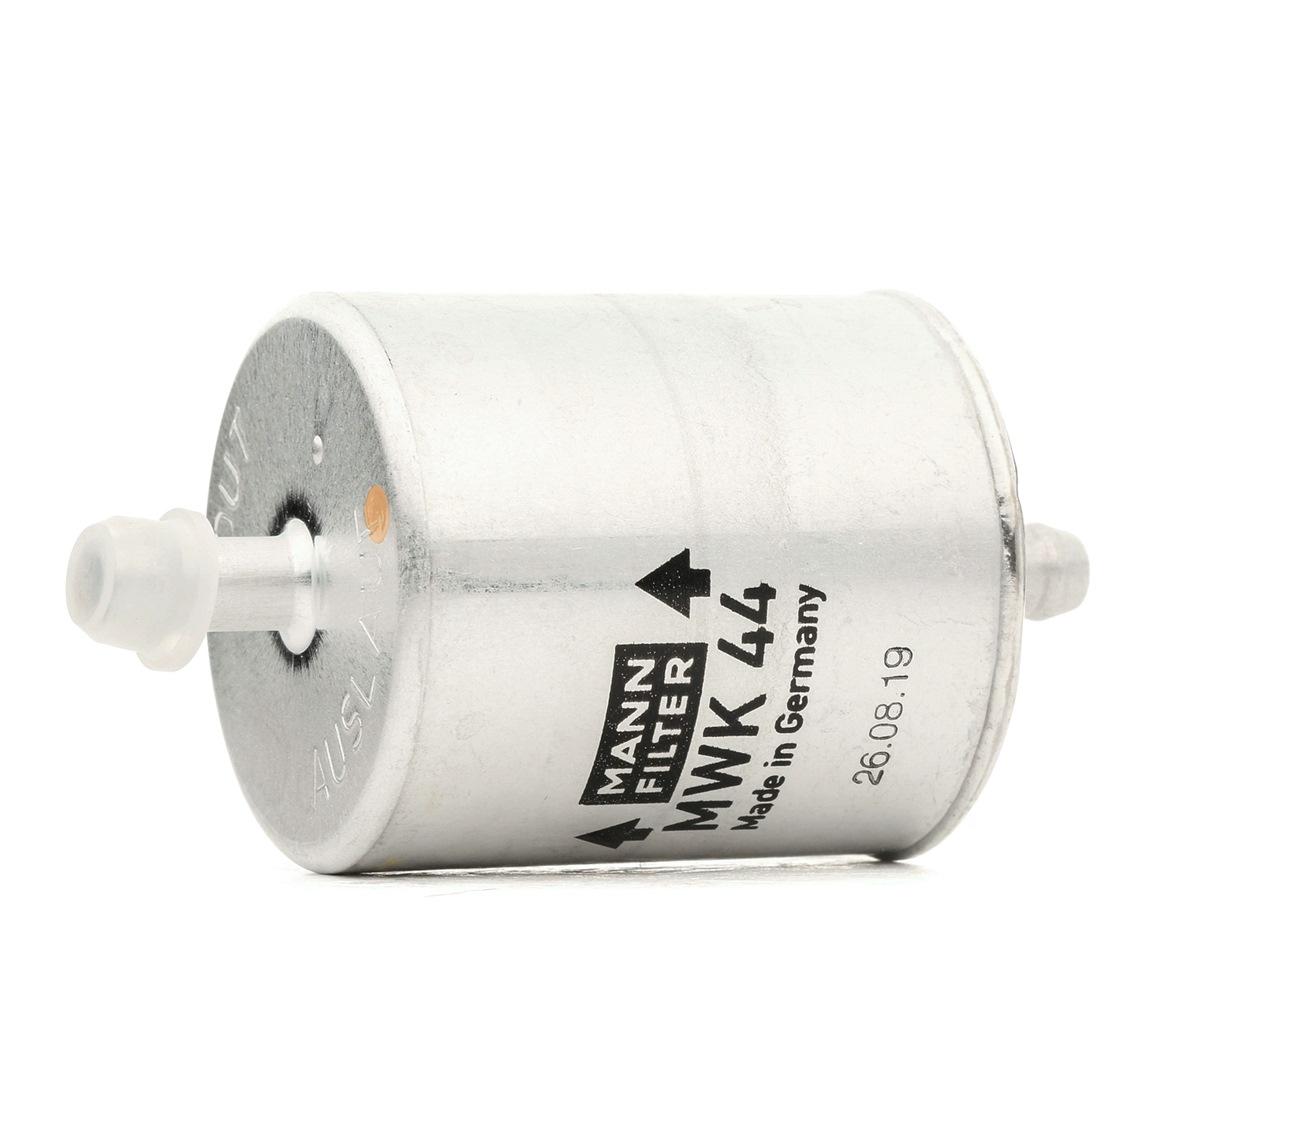 Filtr paliwa MWK 44 w niskiej cenie — kupić teraz!